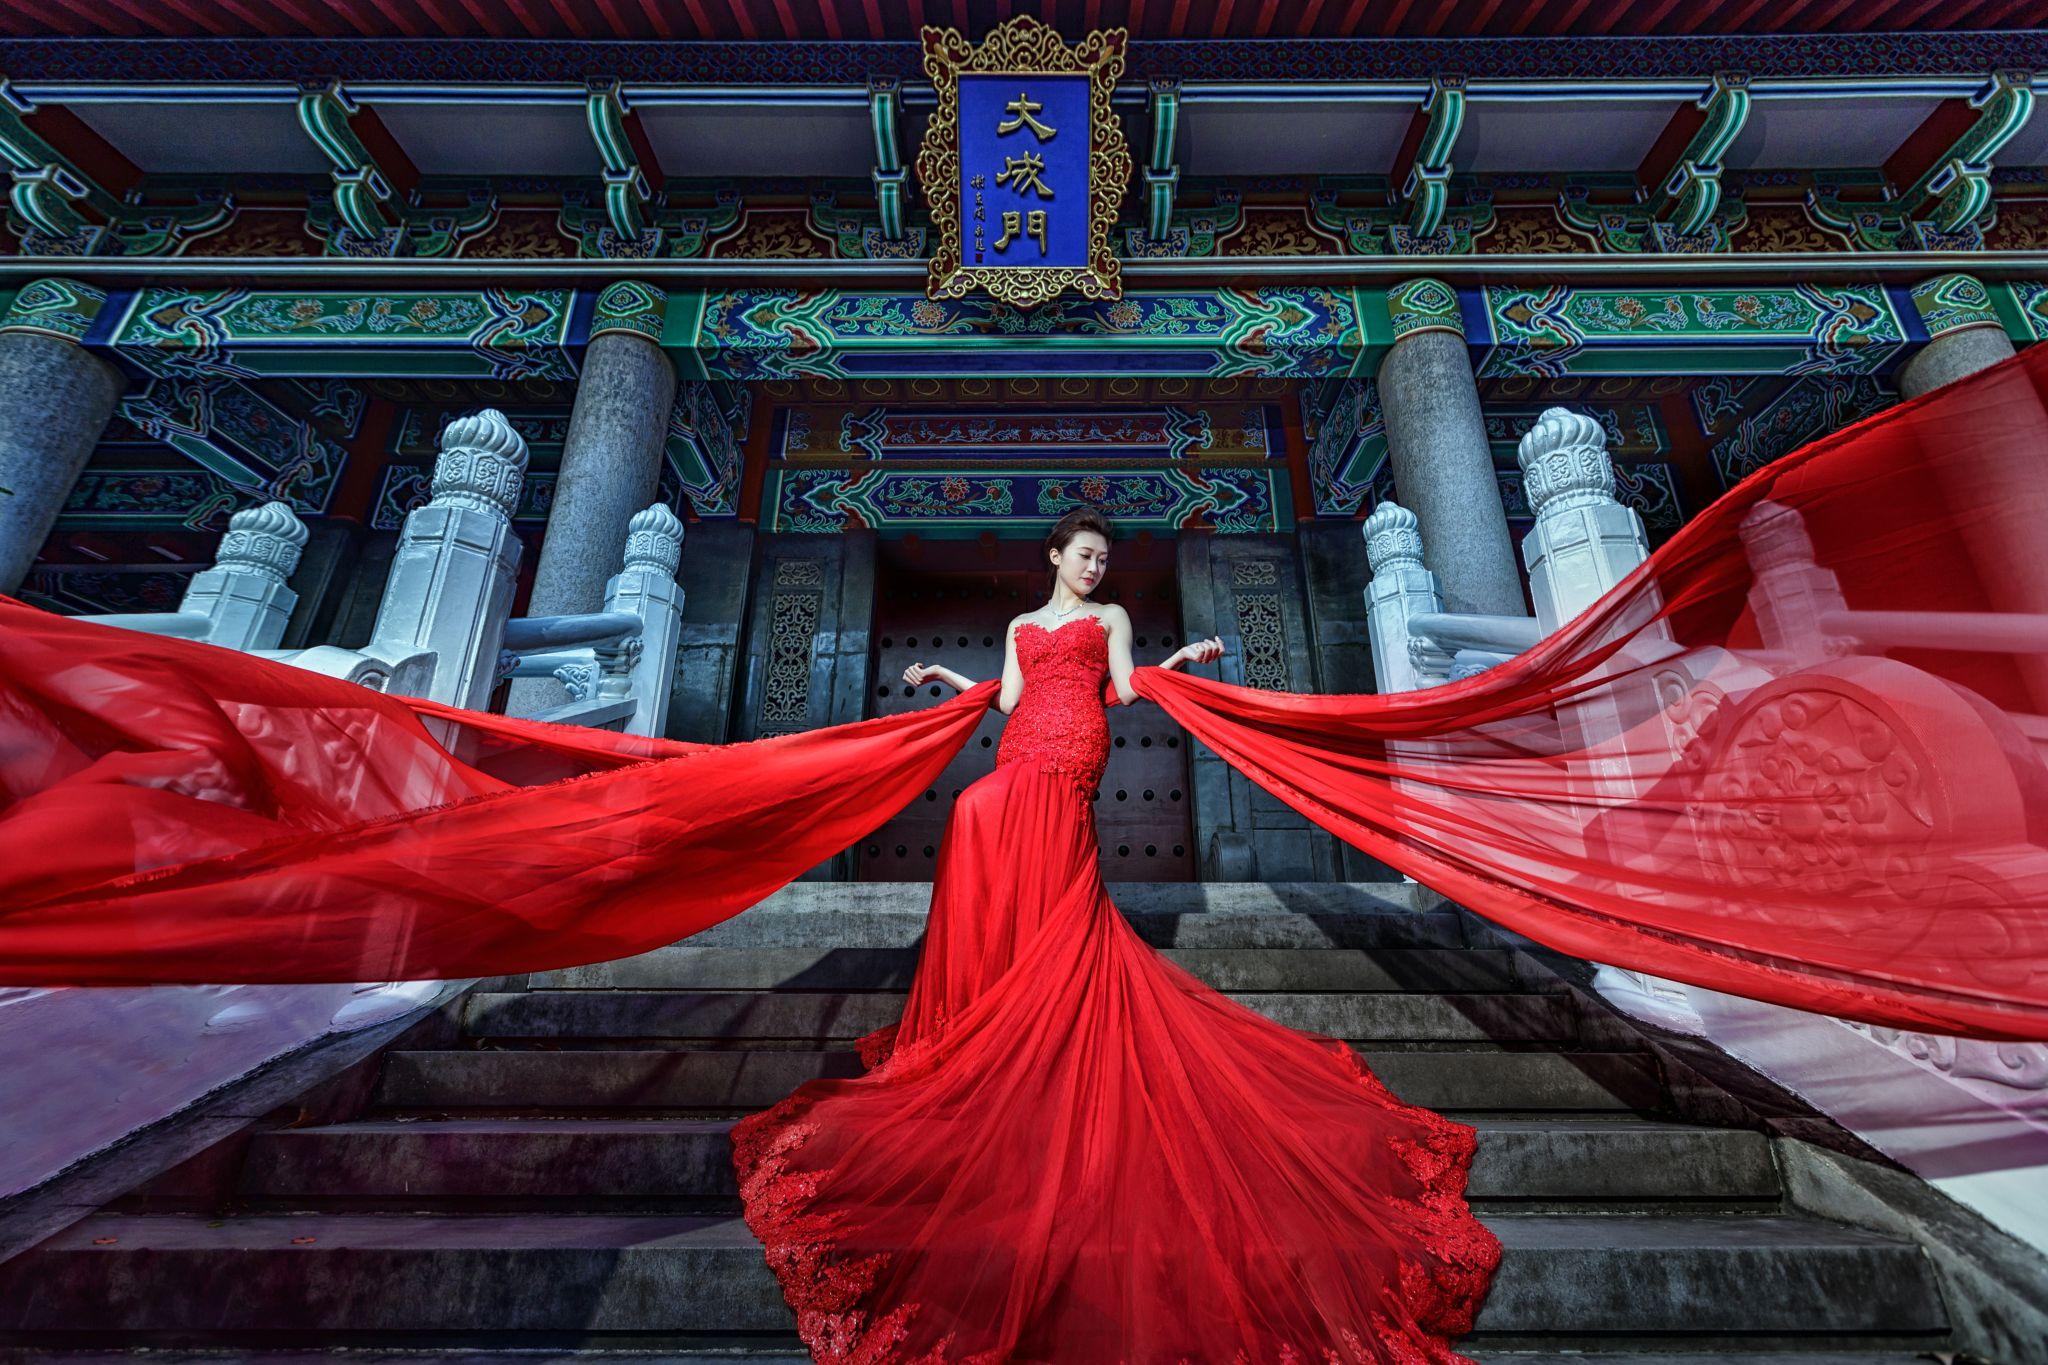 中式風格婚紗照